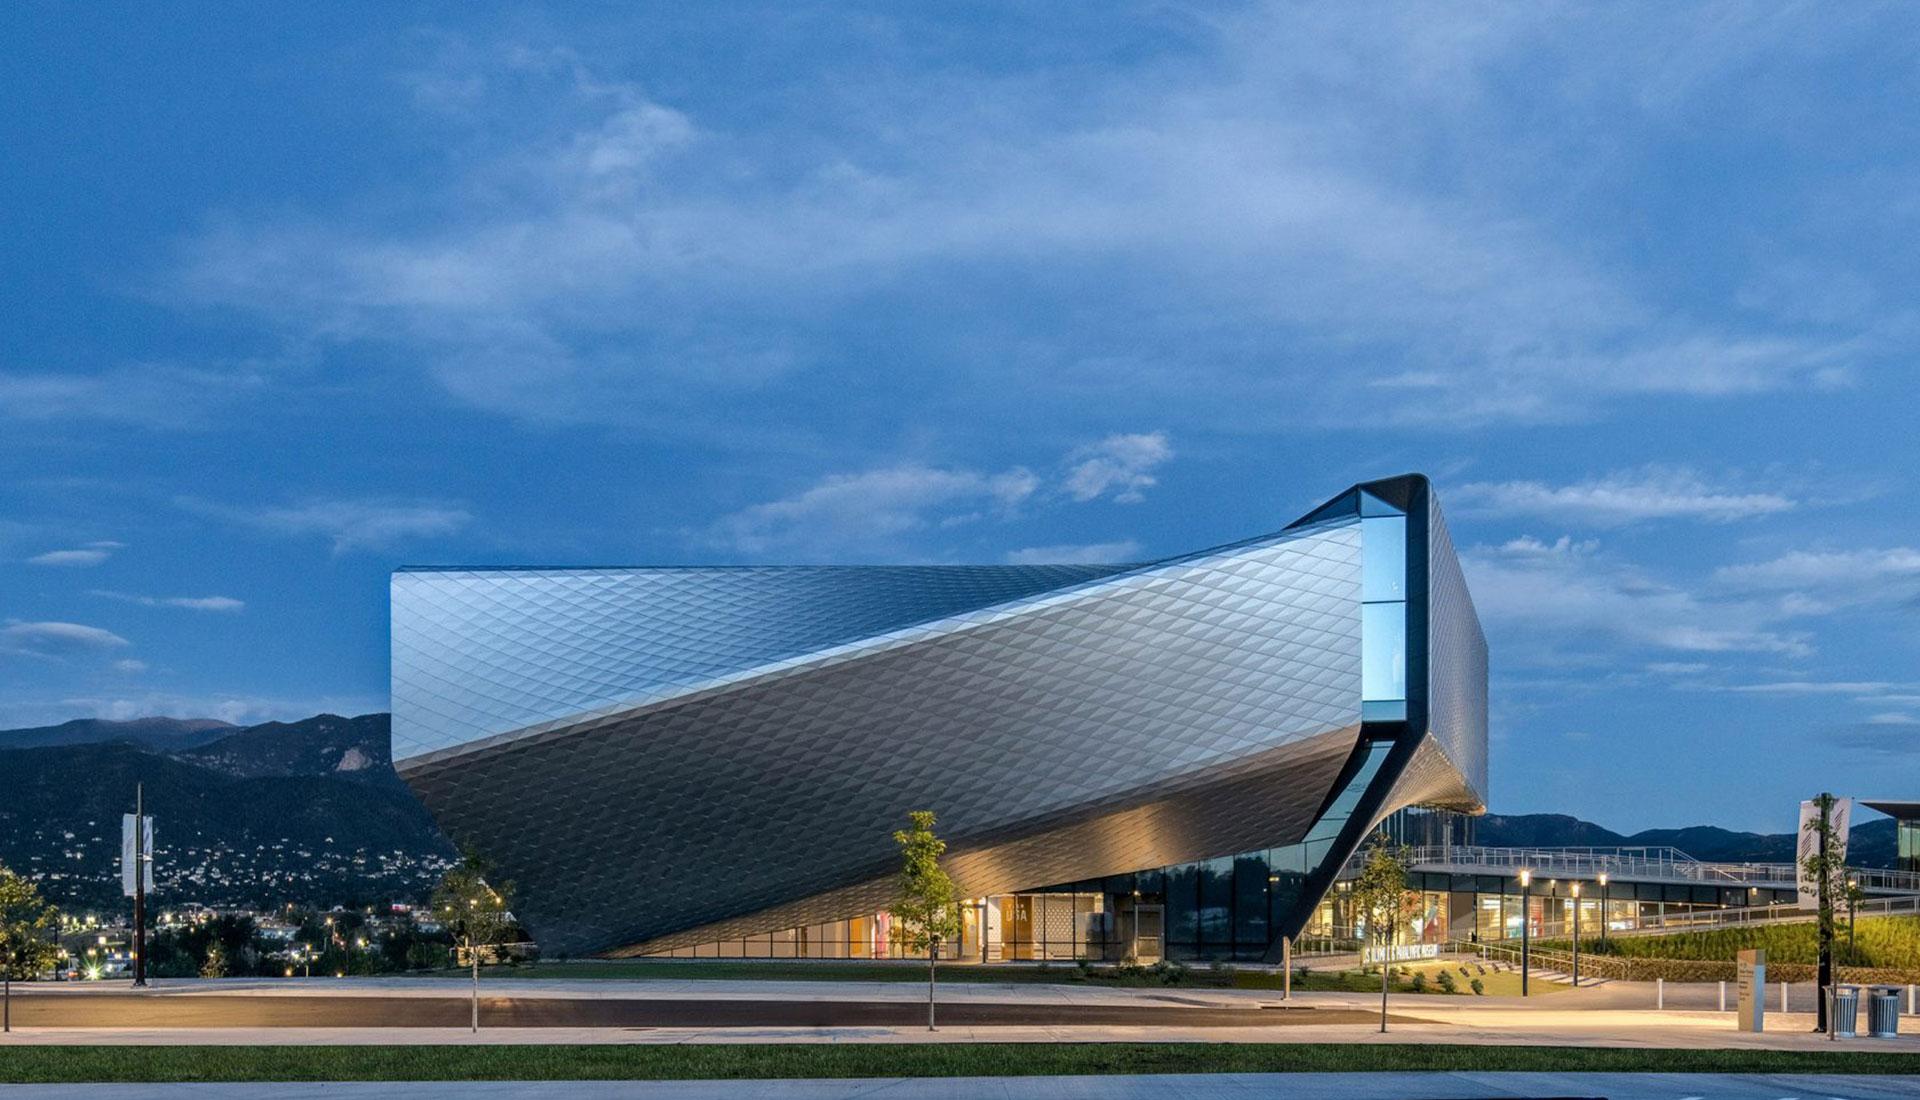 Diller Scofidio + Renfro: реконструкция музея в Колорадо-Спрингс